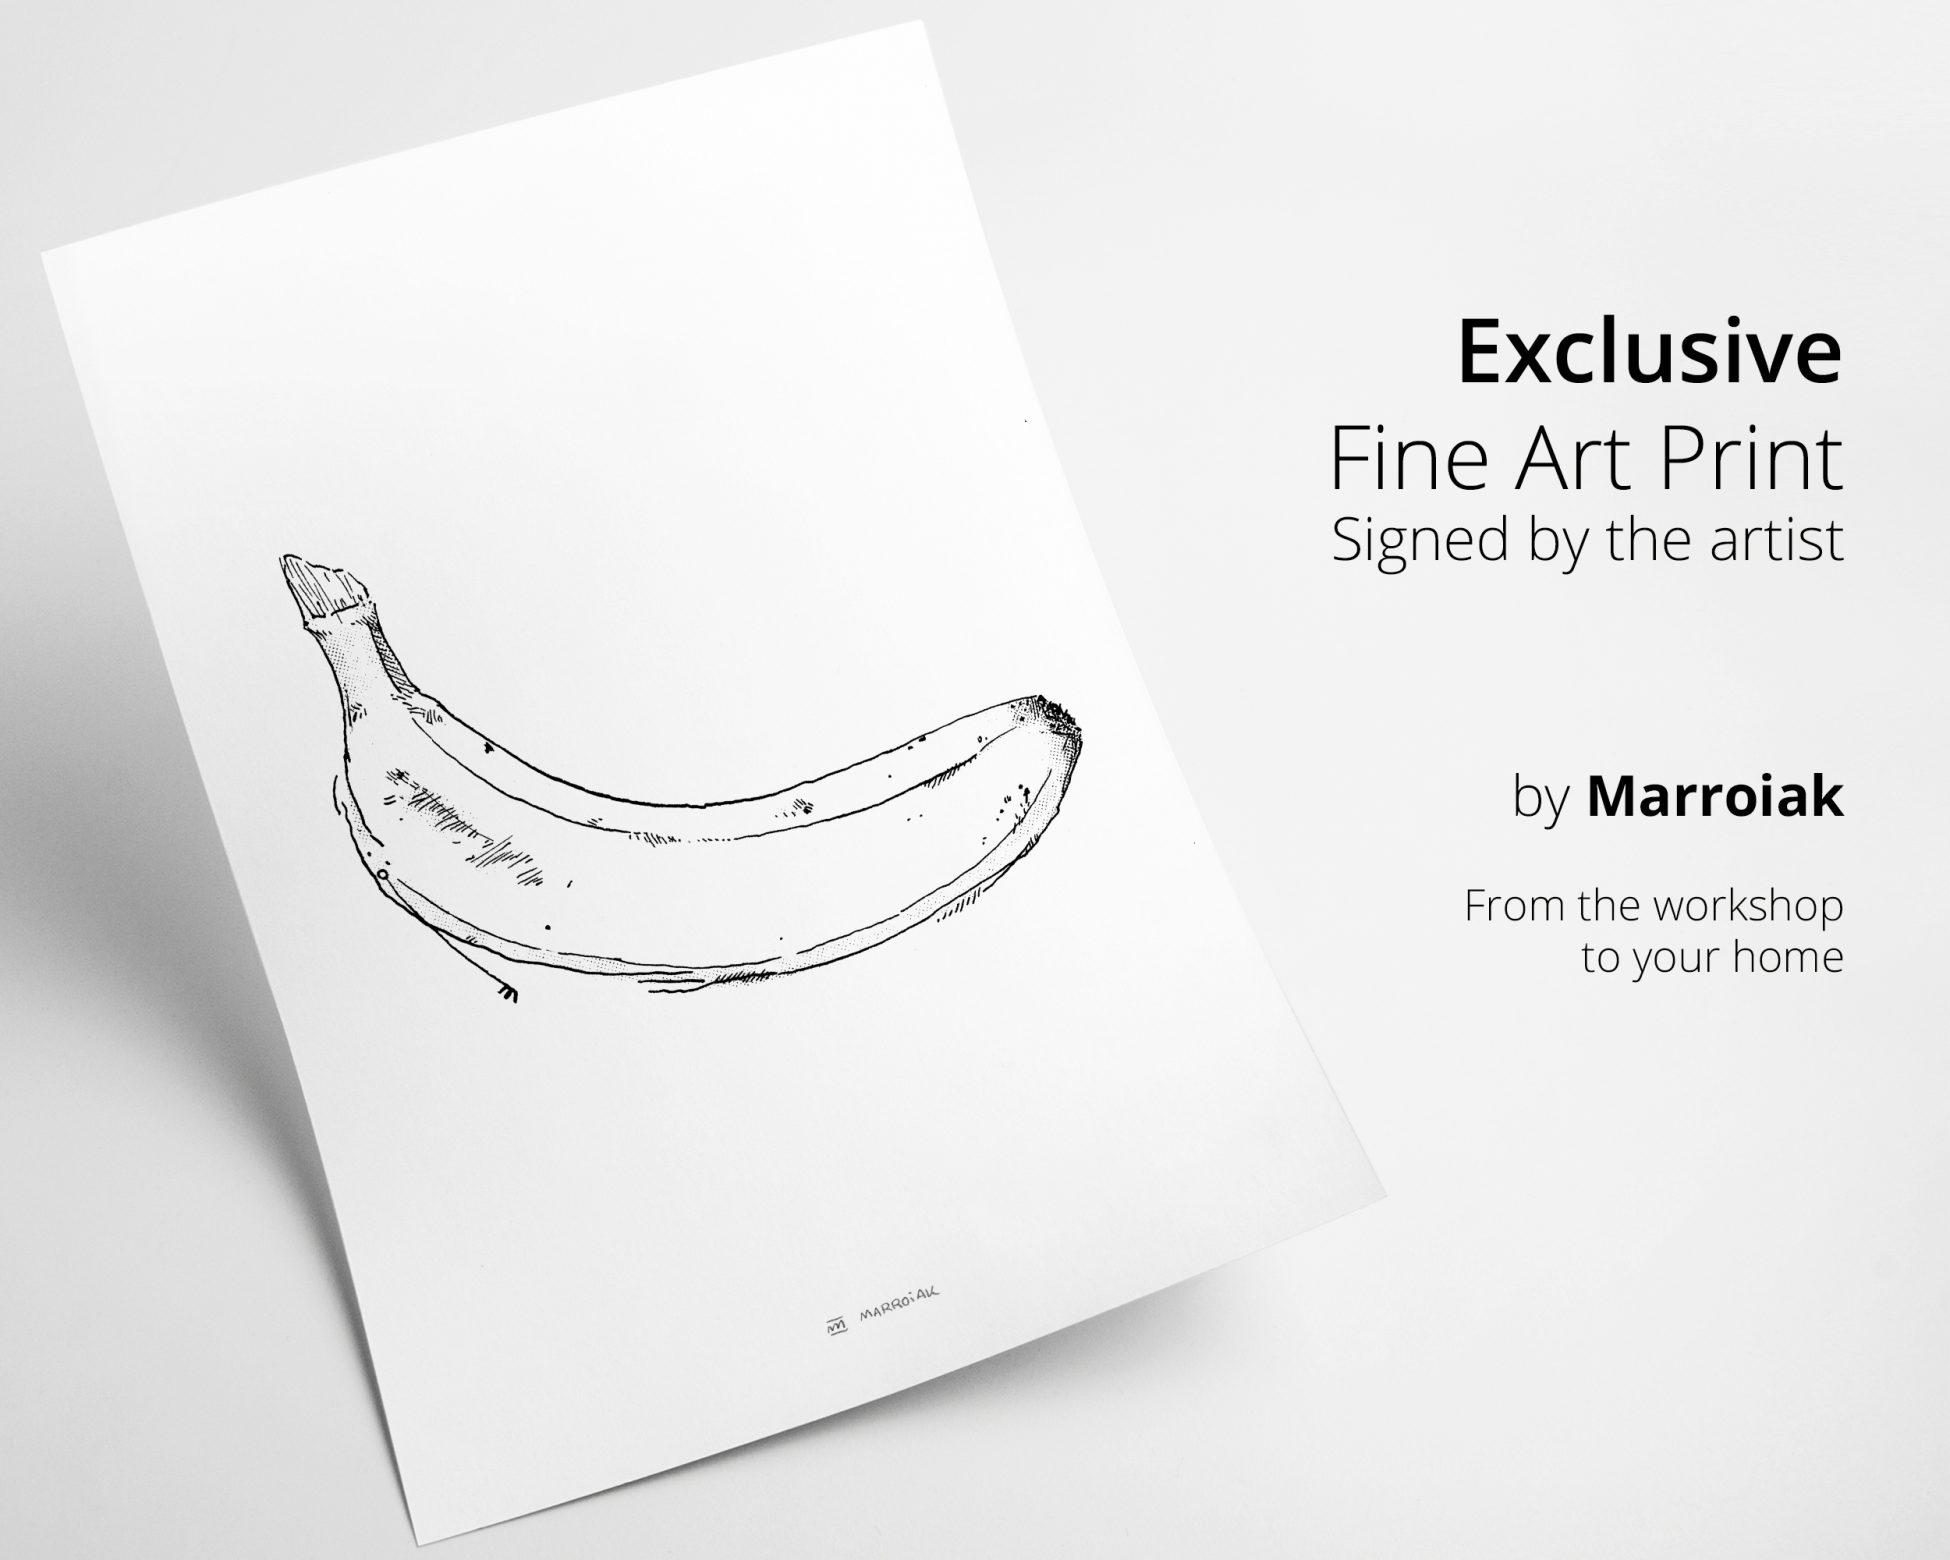 Cuadro decorativo para cocina con una lámina de una ilustración de una banana en blanco y negro. Decoración de frutas, platanos y verduras